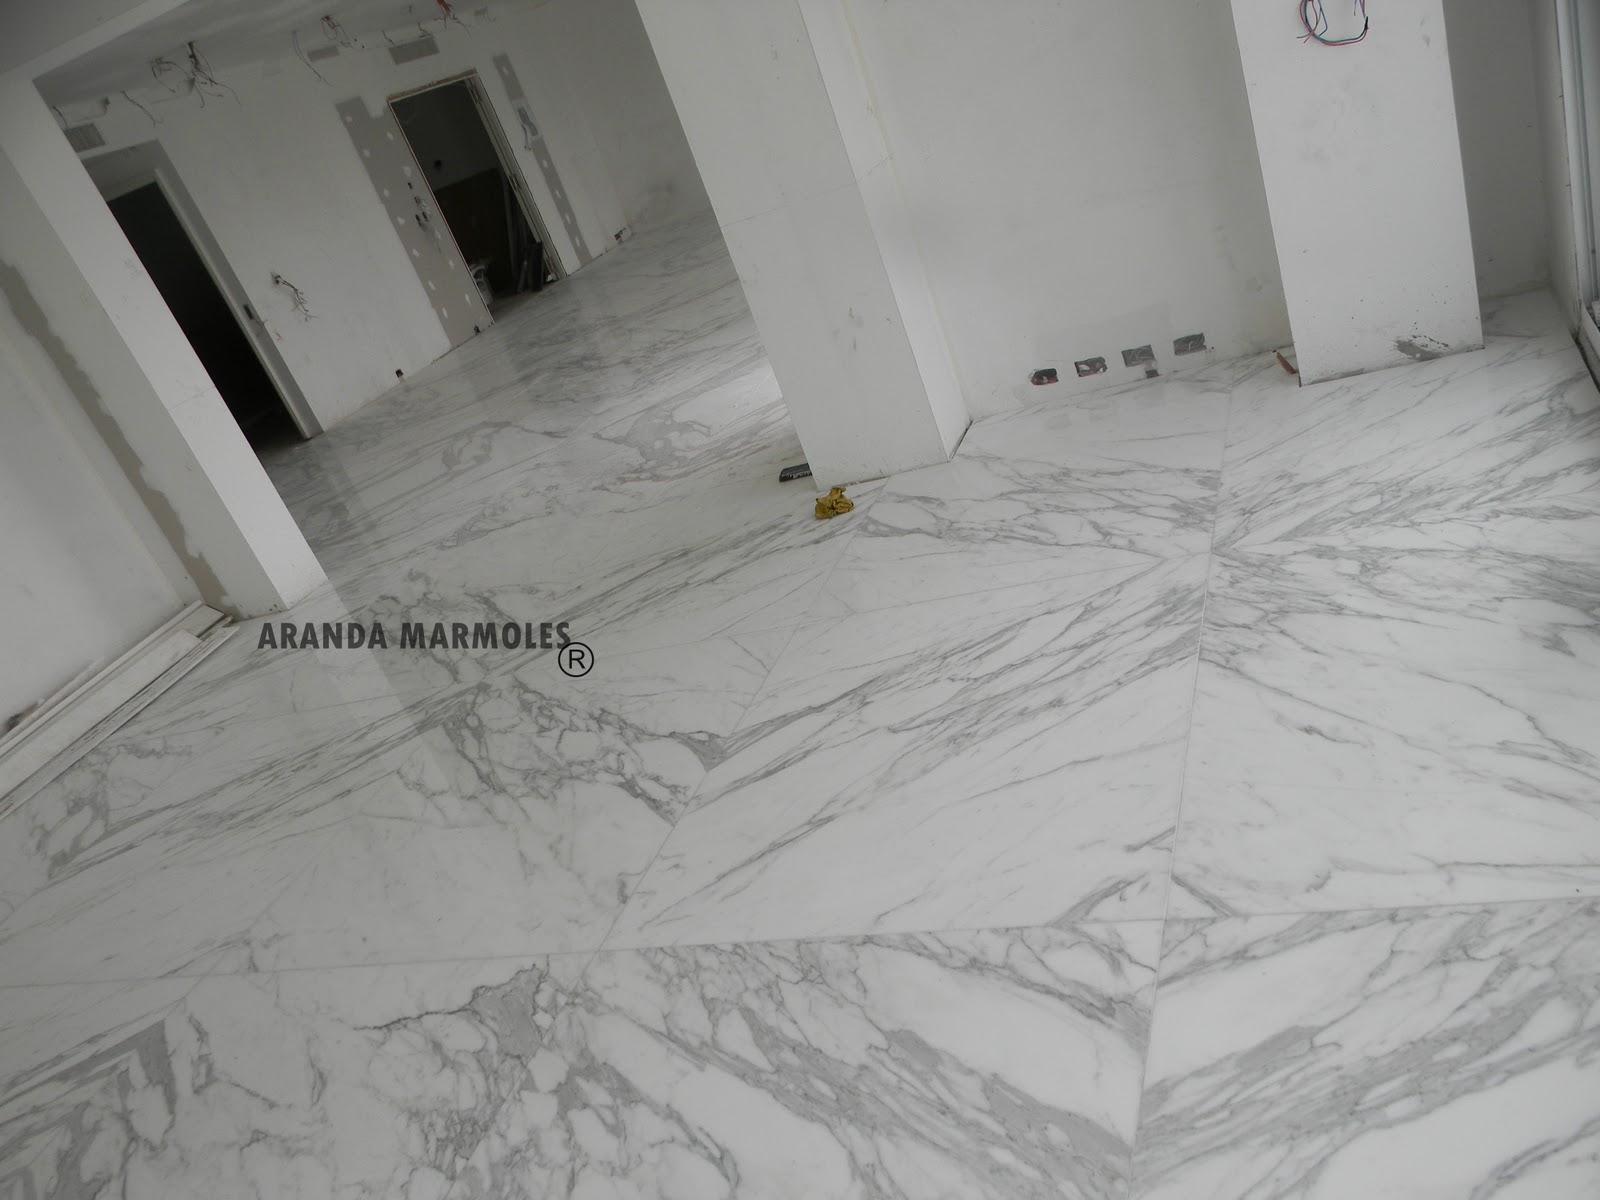 Puerto madero pisos en blanco estatuario aranda marmoles - Piso marmol blanco ...